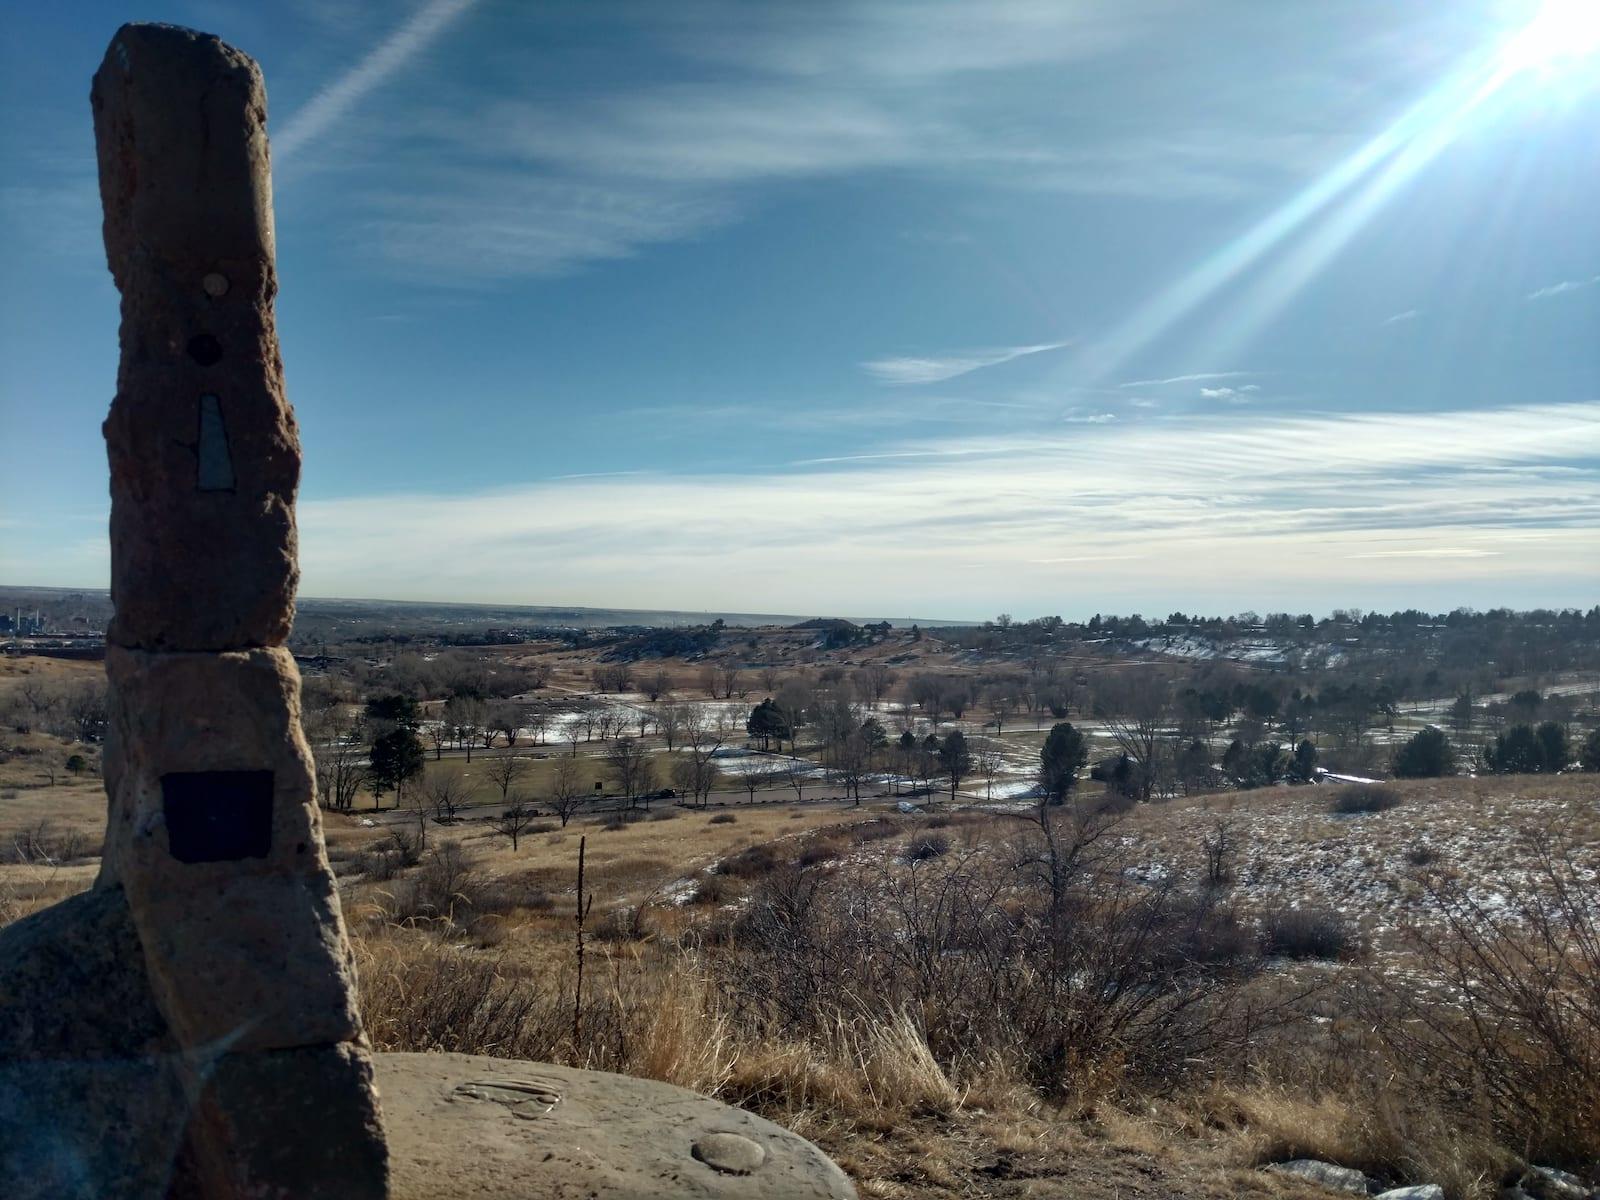 Bear Creek Regional Park Overlook Colorado Springs